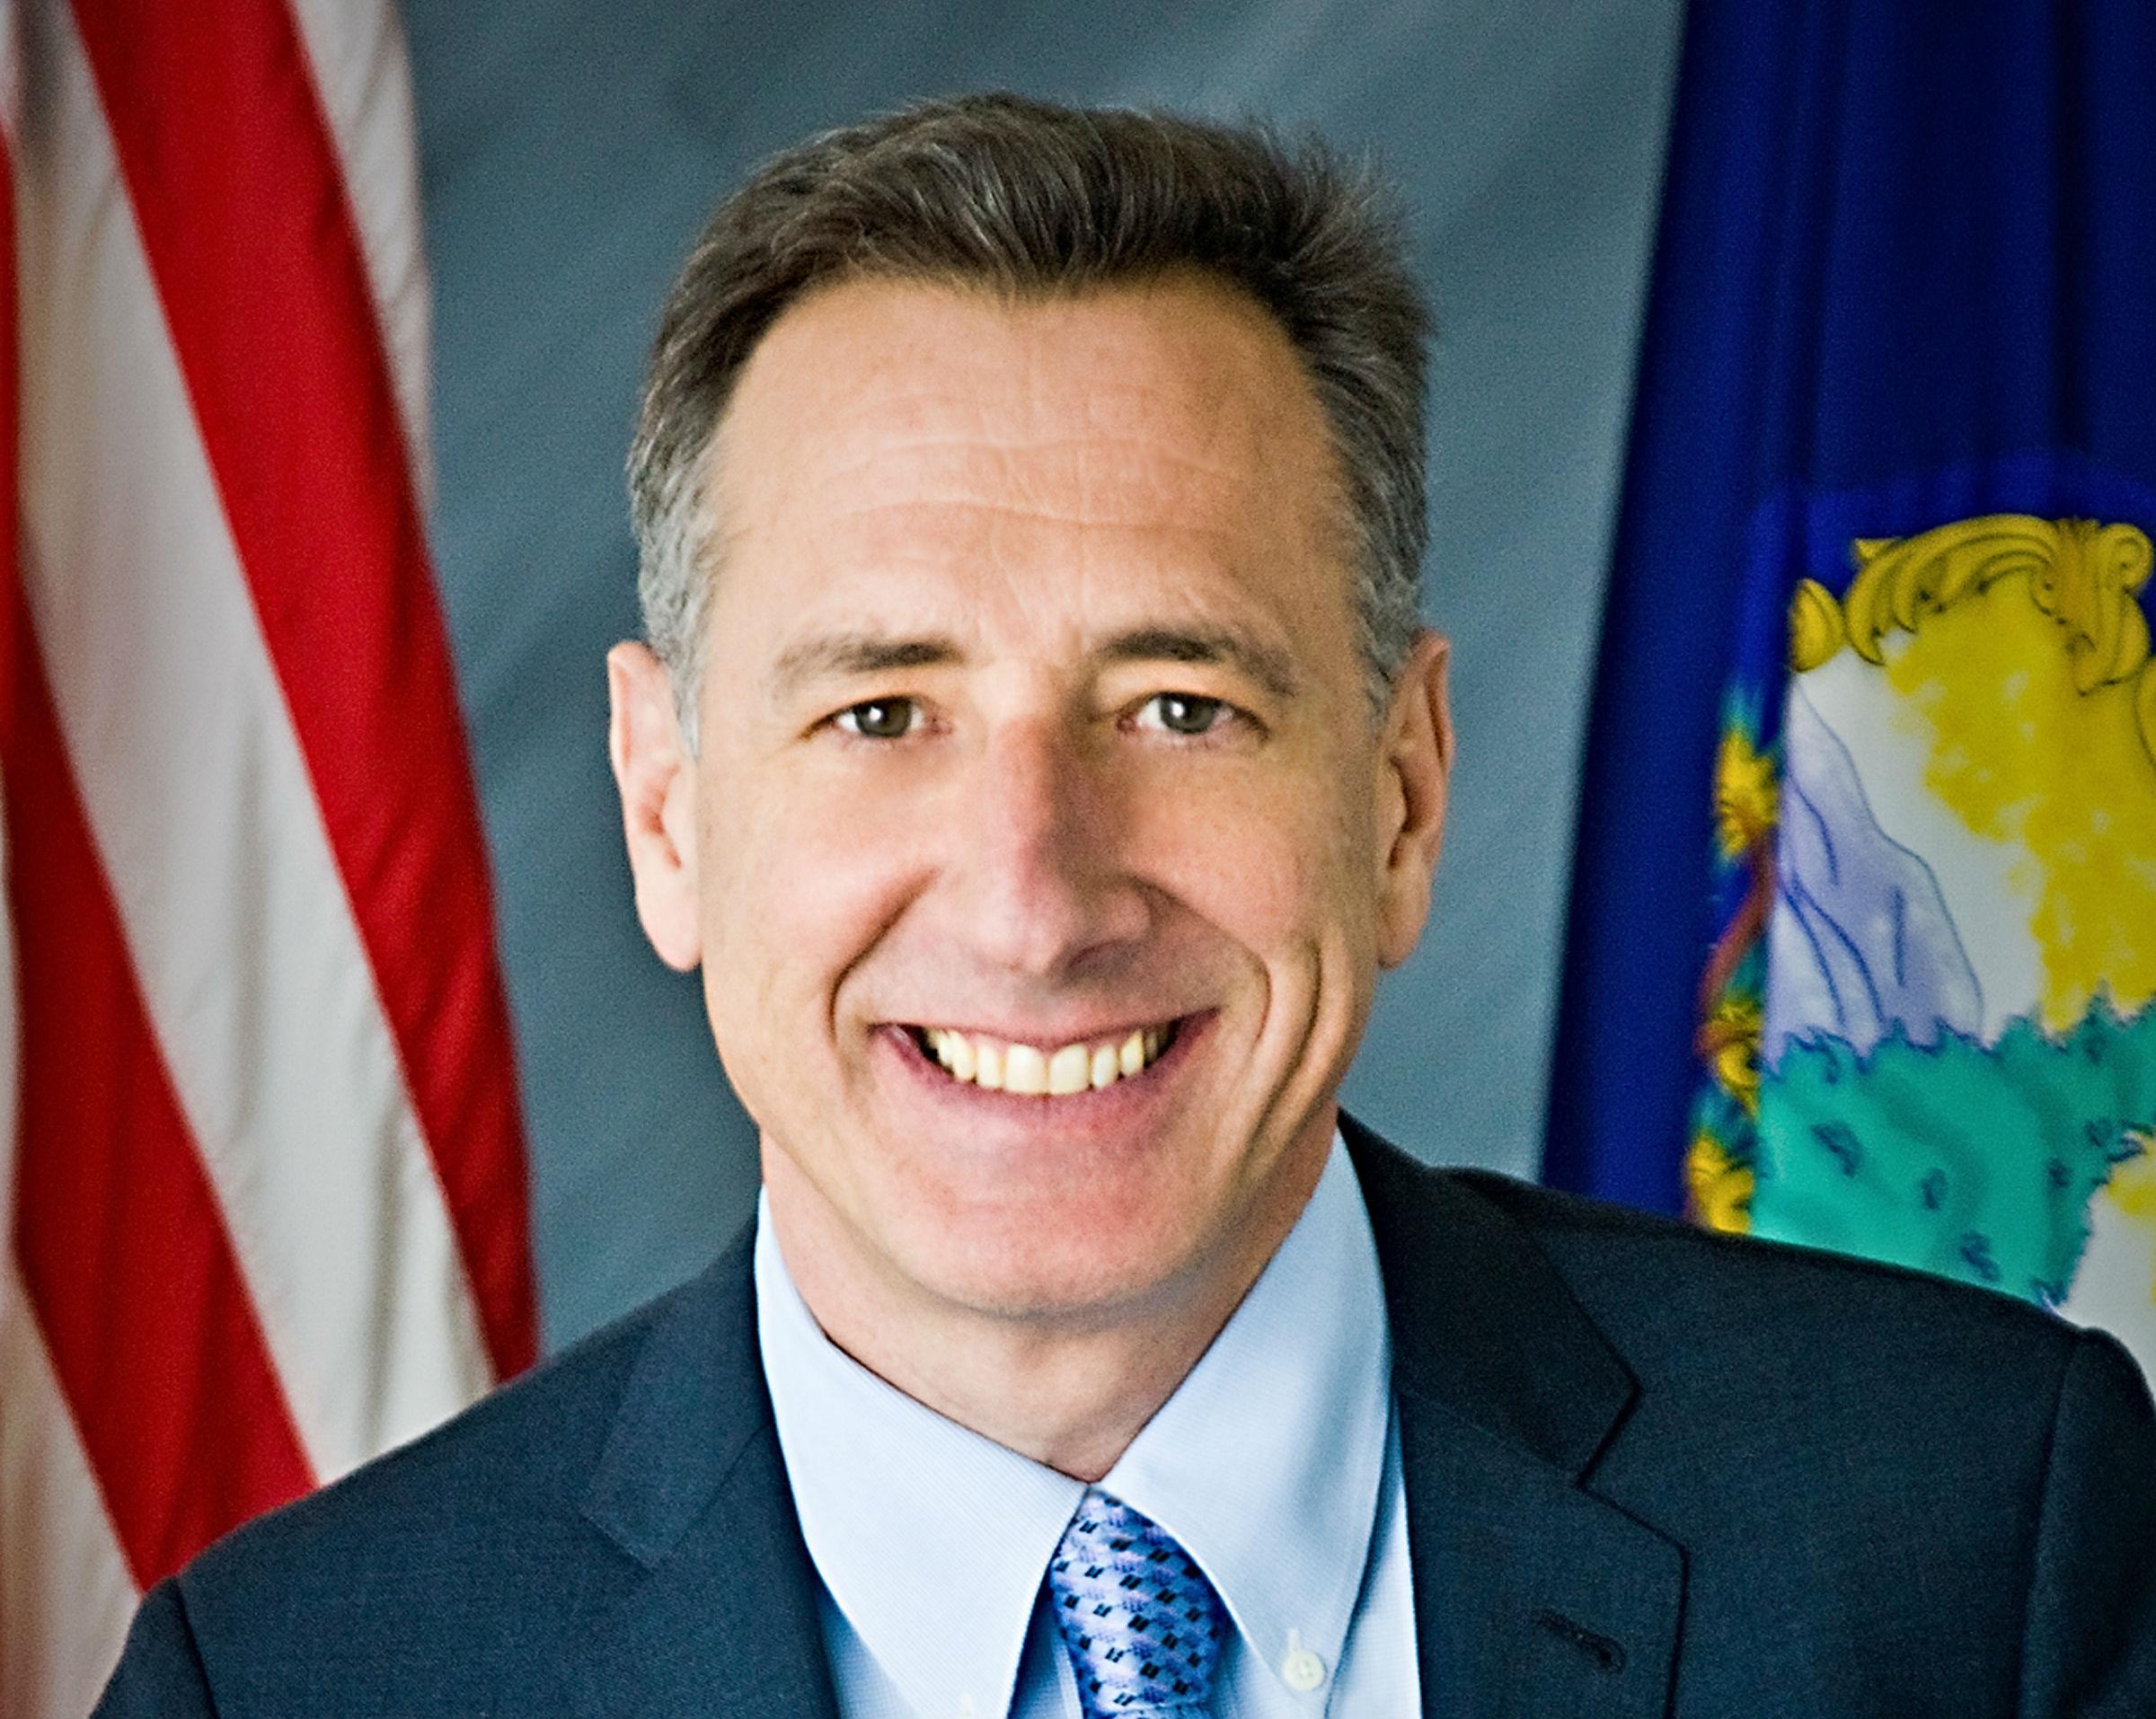 Губернатор отменя присъдите свързани с притежанието на до 30 грама канабис